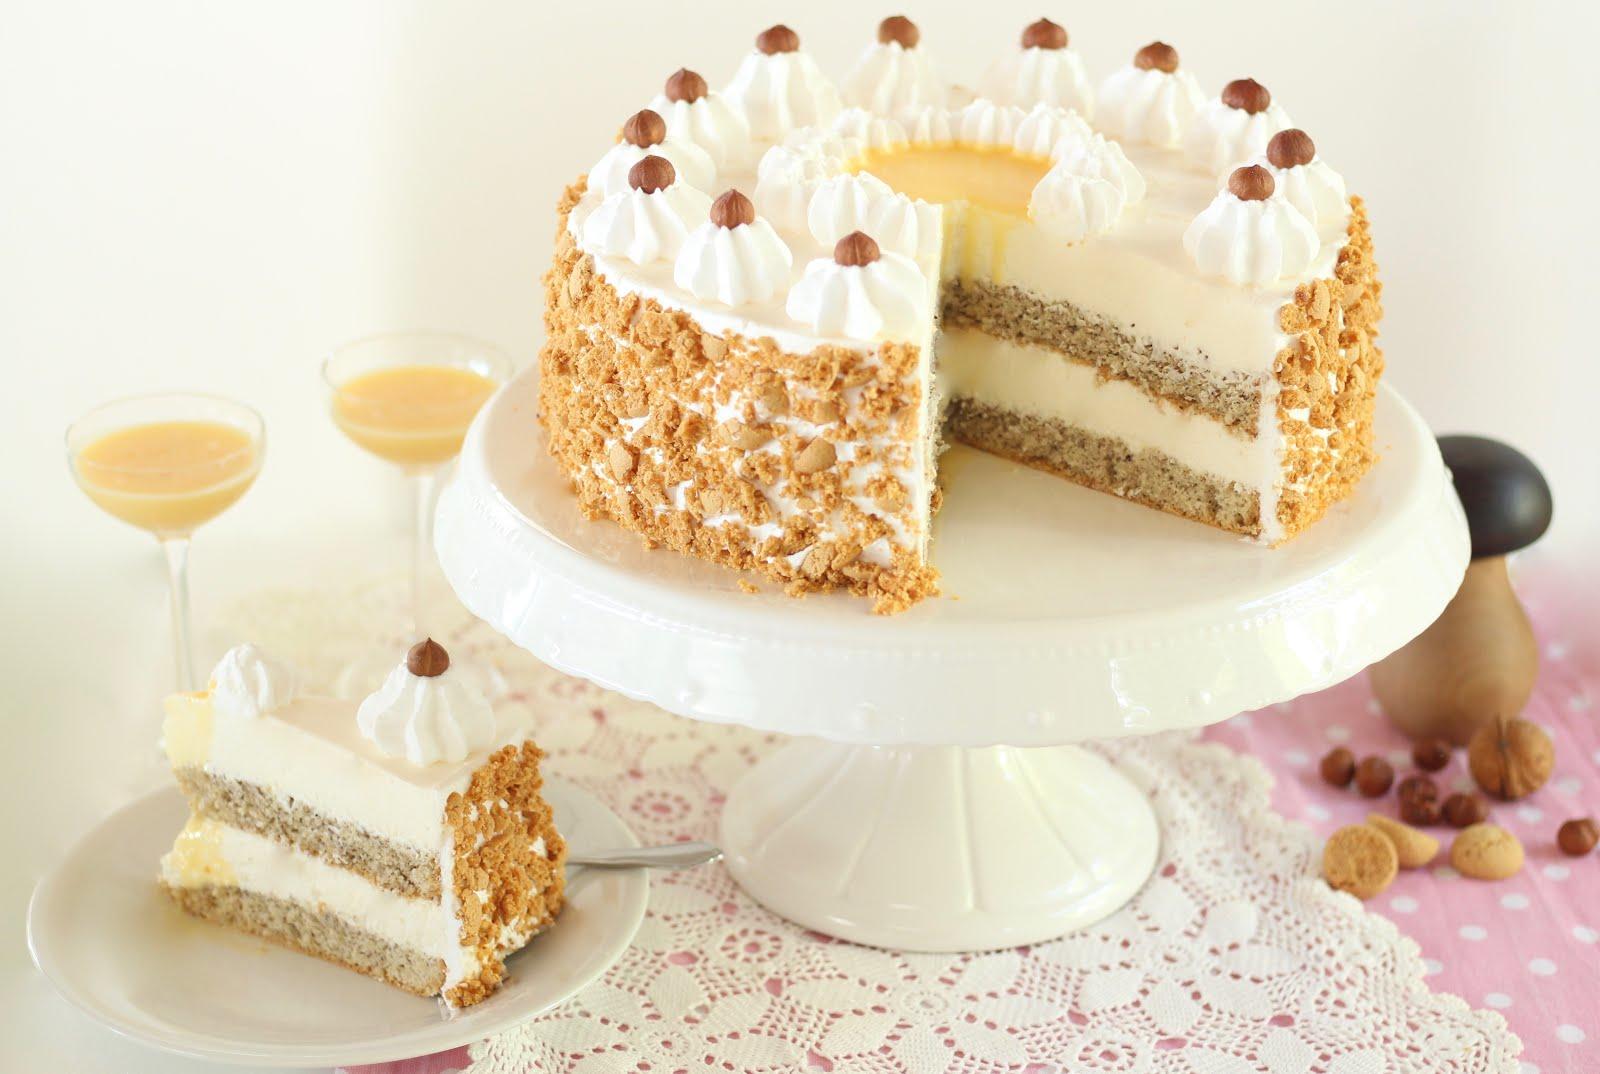 Unwiderstehliche Nuss Eierlikör Torte | Rezept und Video von Sugarprincess